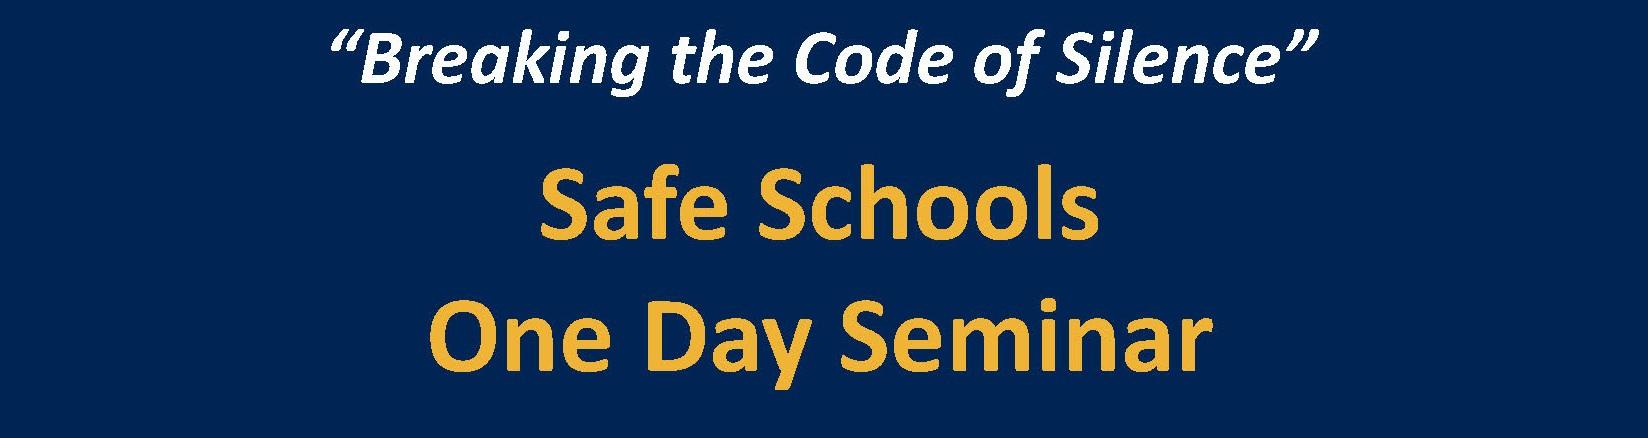 Safe Schools Seminar